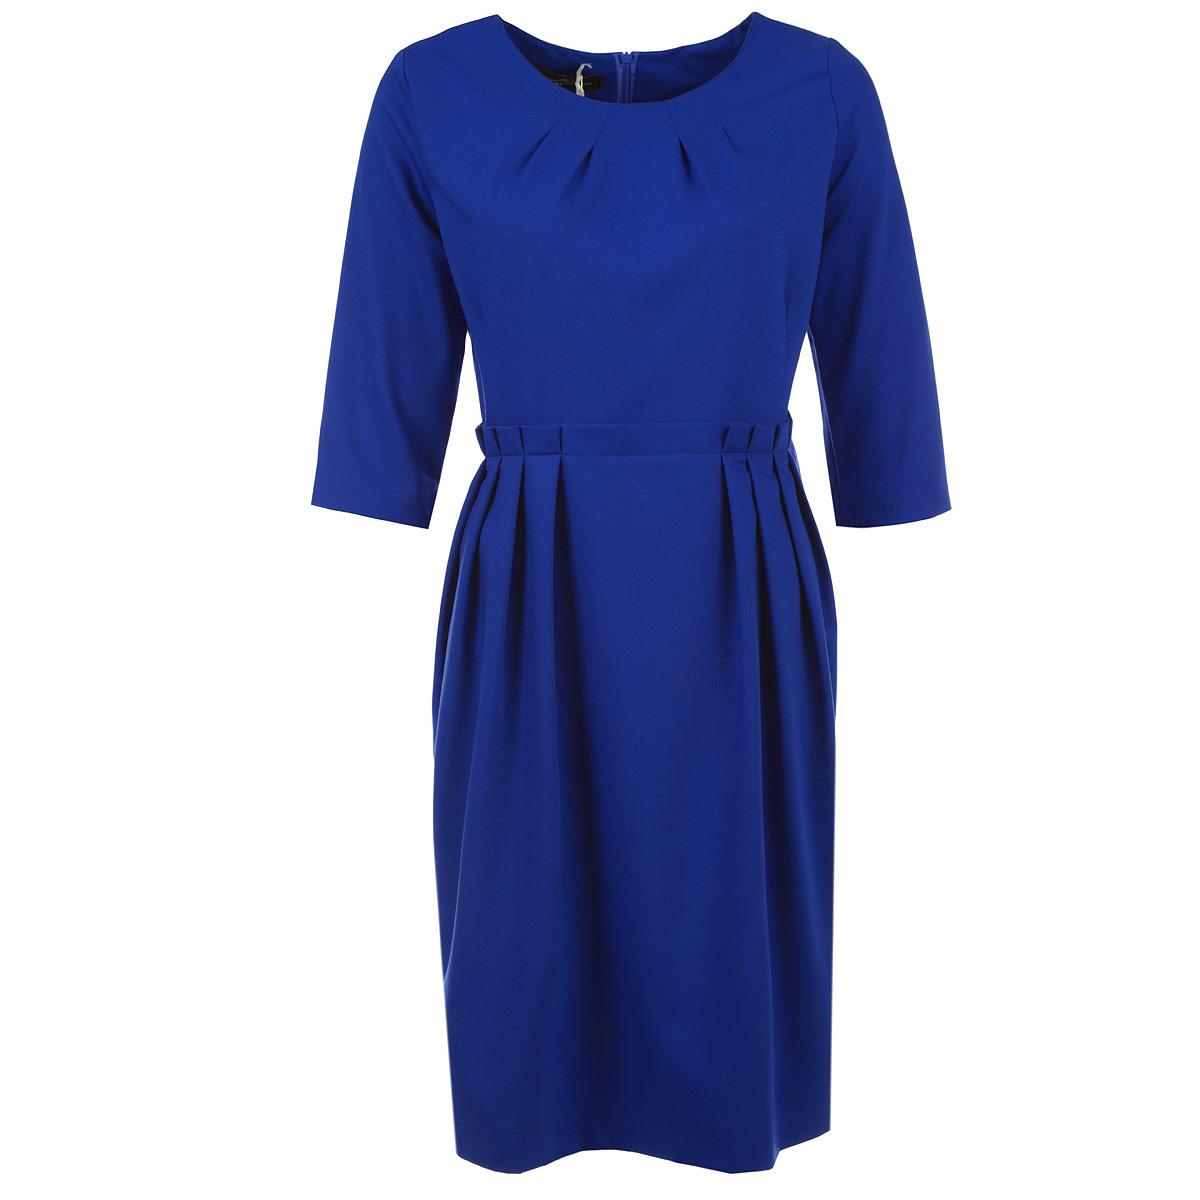 Платье Milana Style, цвет: синий. 1020М. Размер 461020MЭлегантное платье Milana Style изготовлено из высококачественного плотного материала. Такое платье обеспечит вам комфорт и удобство при носке. Платье с рукавами до локтя и с круглым вырезом горловины понравится любой ценительнице классического стиля. Платье имеет пришивную расклешенную юбку средней длины. Застегивается изделие на потайную молнию на спинке.На талии модель оформлена декоративными складками. Сзади на юбке предусмотрен разрез. Приталенный силуэт великолепно подчеркнет достоинства фигуры. Изысканный наряд создаст обворожительный неповторимый образ. Это модное и удобное платье станет превосходным дополнением к вашему гардеробу, оно подарит вам удобство и поможет вам подчеркнуть свой вкус и неповторимый стиль.